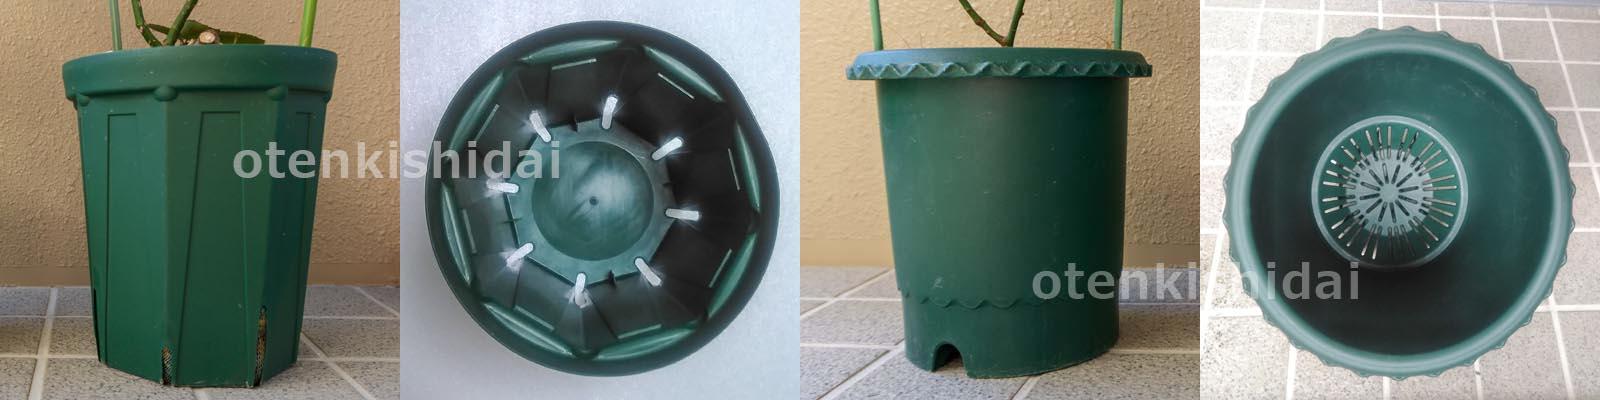 スリット鉢とバラ鉢